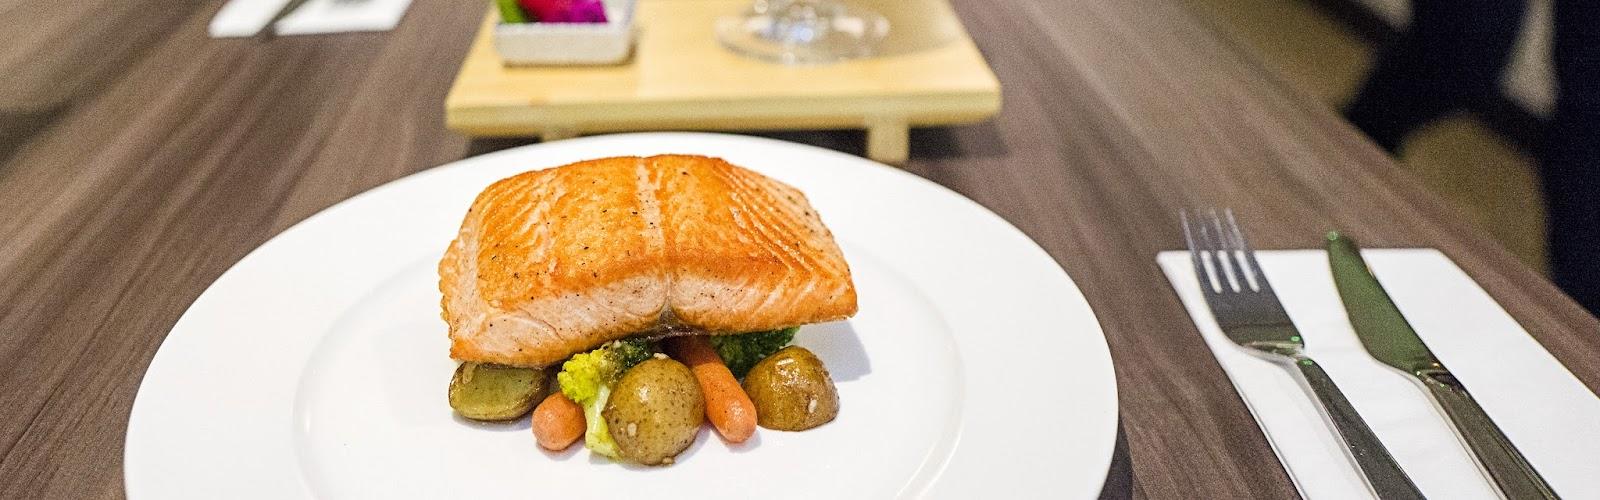 f-salmon-L1050551.jpg